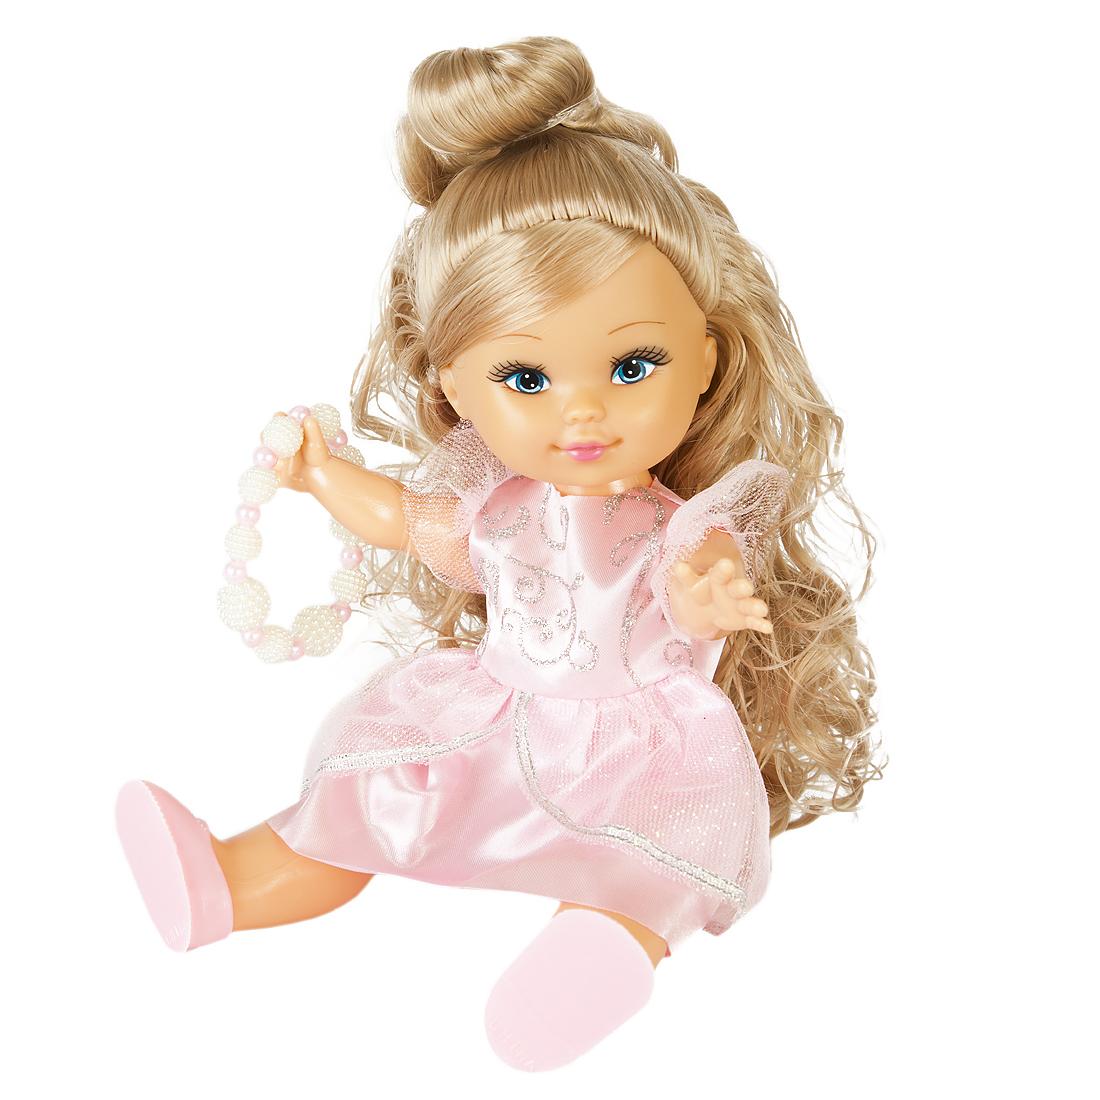 Другие куклы Mary Poppins Кукла Mary Poppins «Элиза. Маленькая леди» с браслетом 25 см цена